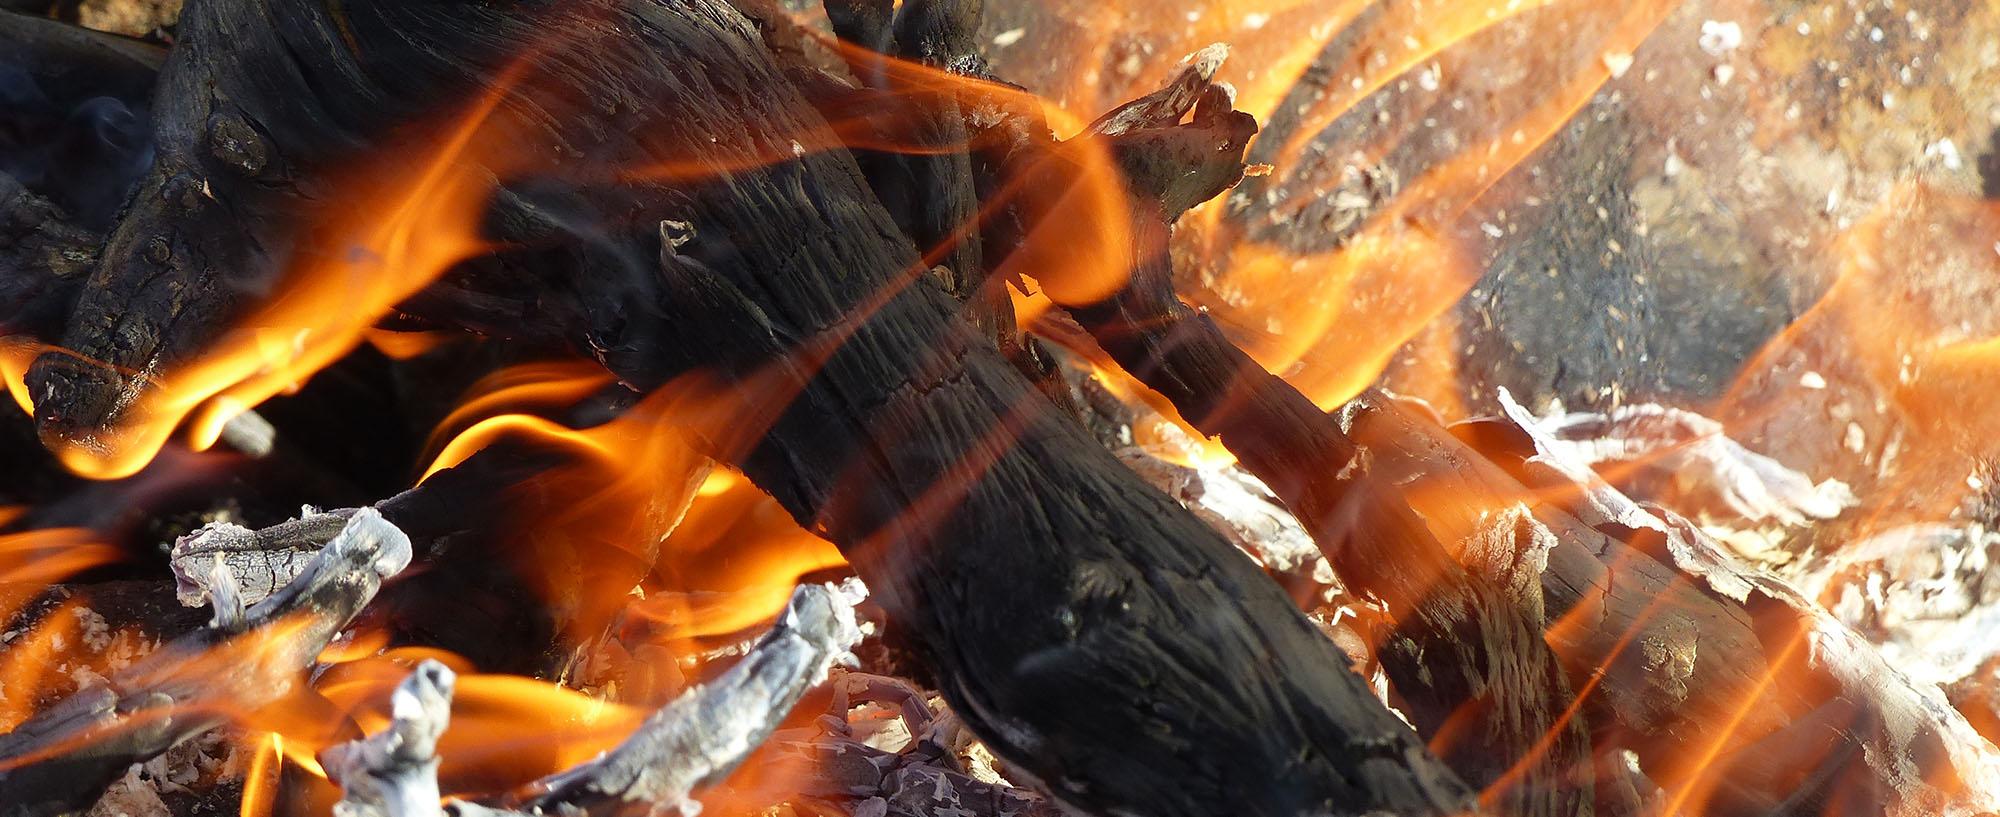 """Bålet og menneskenes forhold til ild er helt sentralt i samfunnsutviklingen og kanskje det mest essensielle når det gjelder overlevelse og sosialt samkvem i hus, hytte og i friluftssammenhenger i skog og mark og i fjellet. Engelskmennene kaller vår form for bålbrenning på tur for """"The Scandinavian Art of Firemaking"""""""